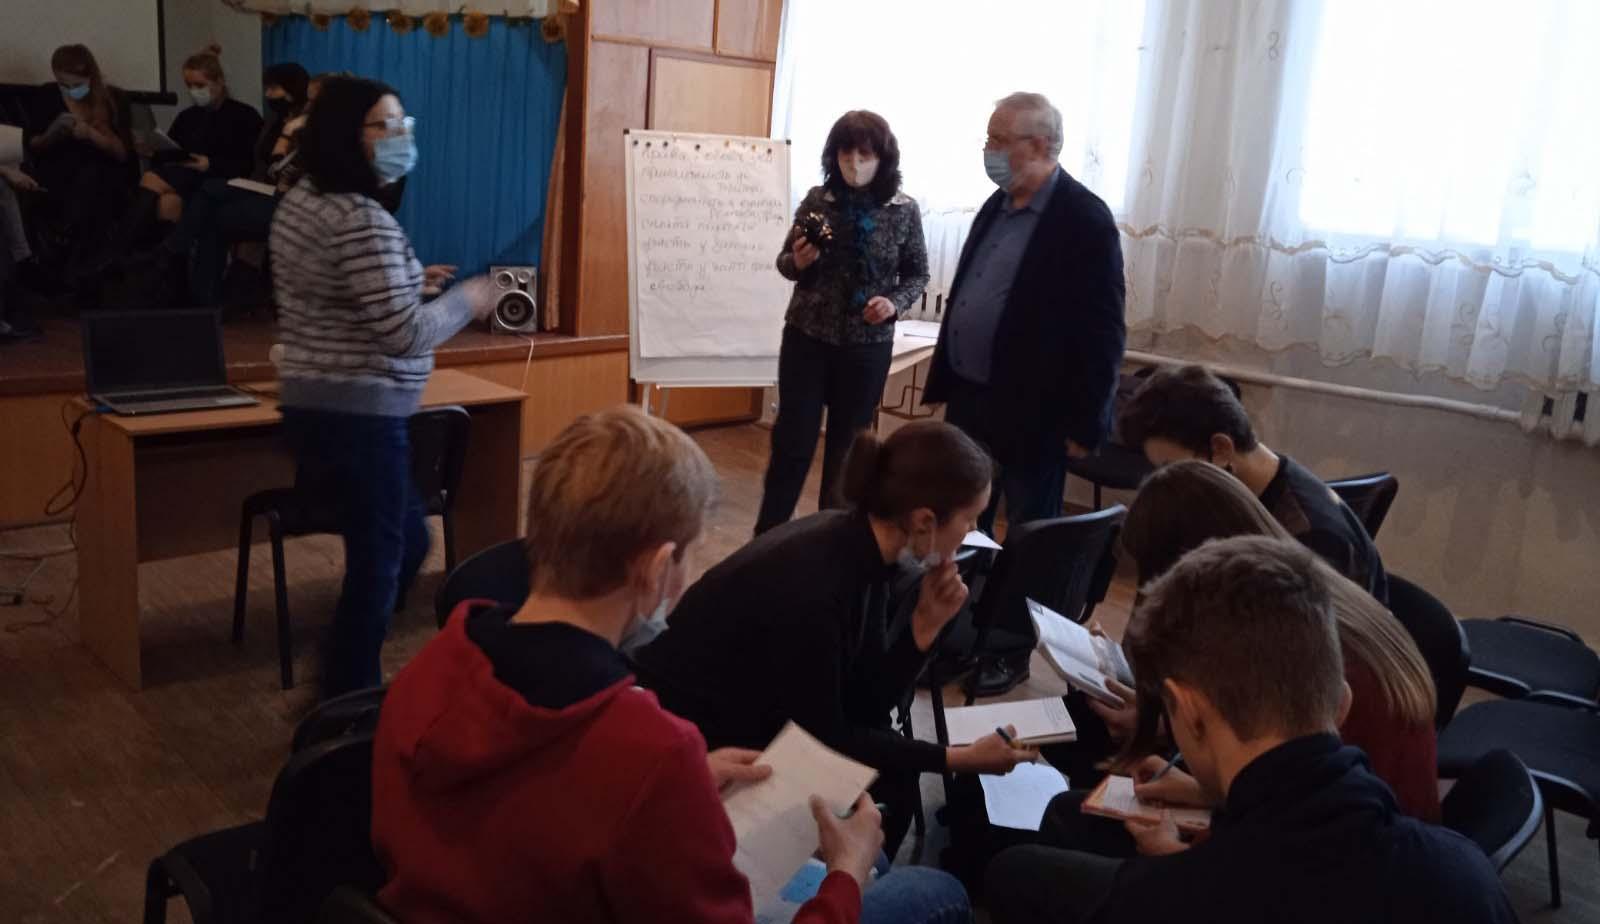 DOBRE 6 Експерти DOBRE досліджували проблеми та перспективи громади